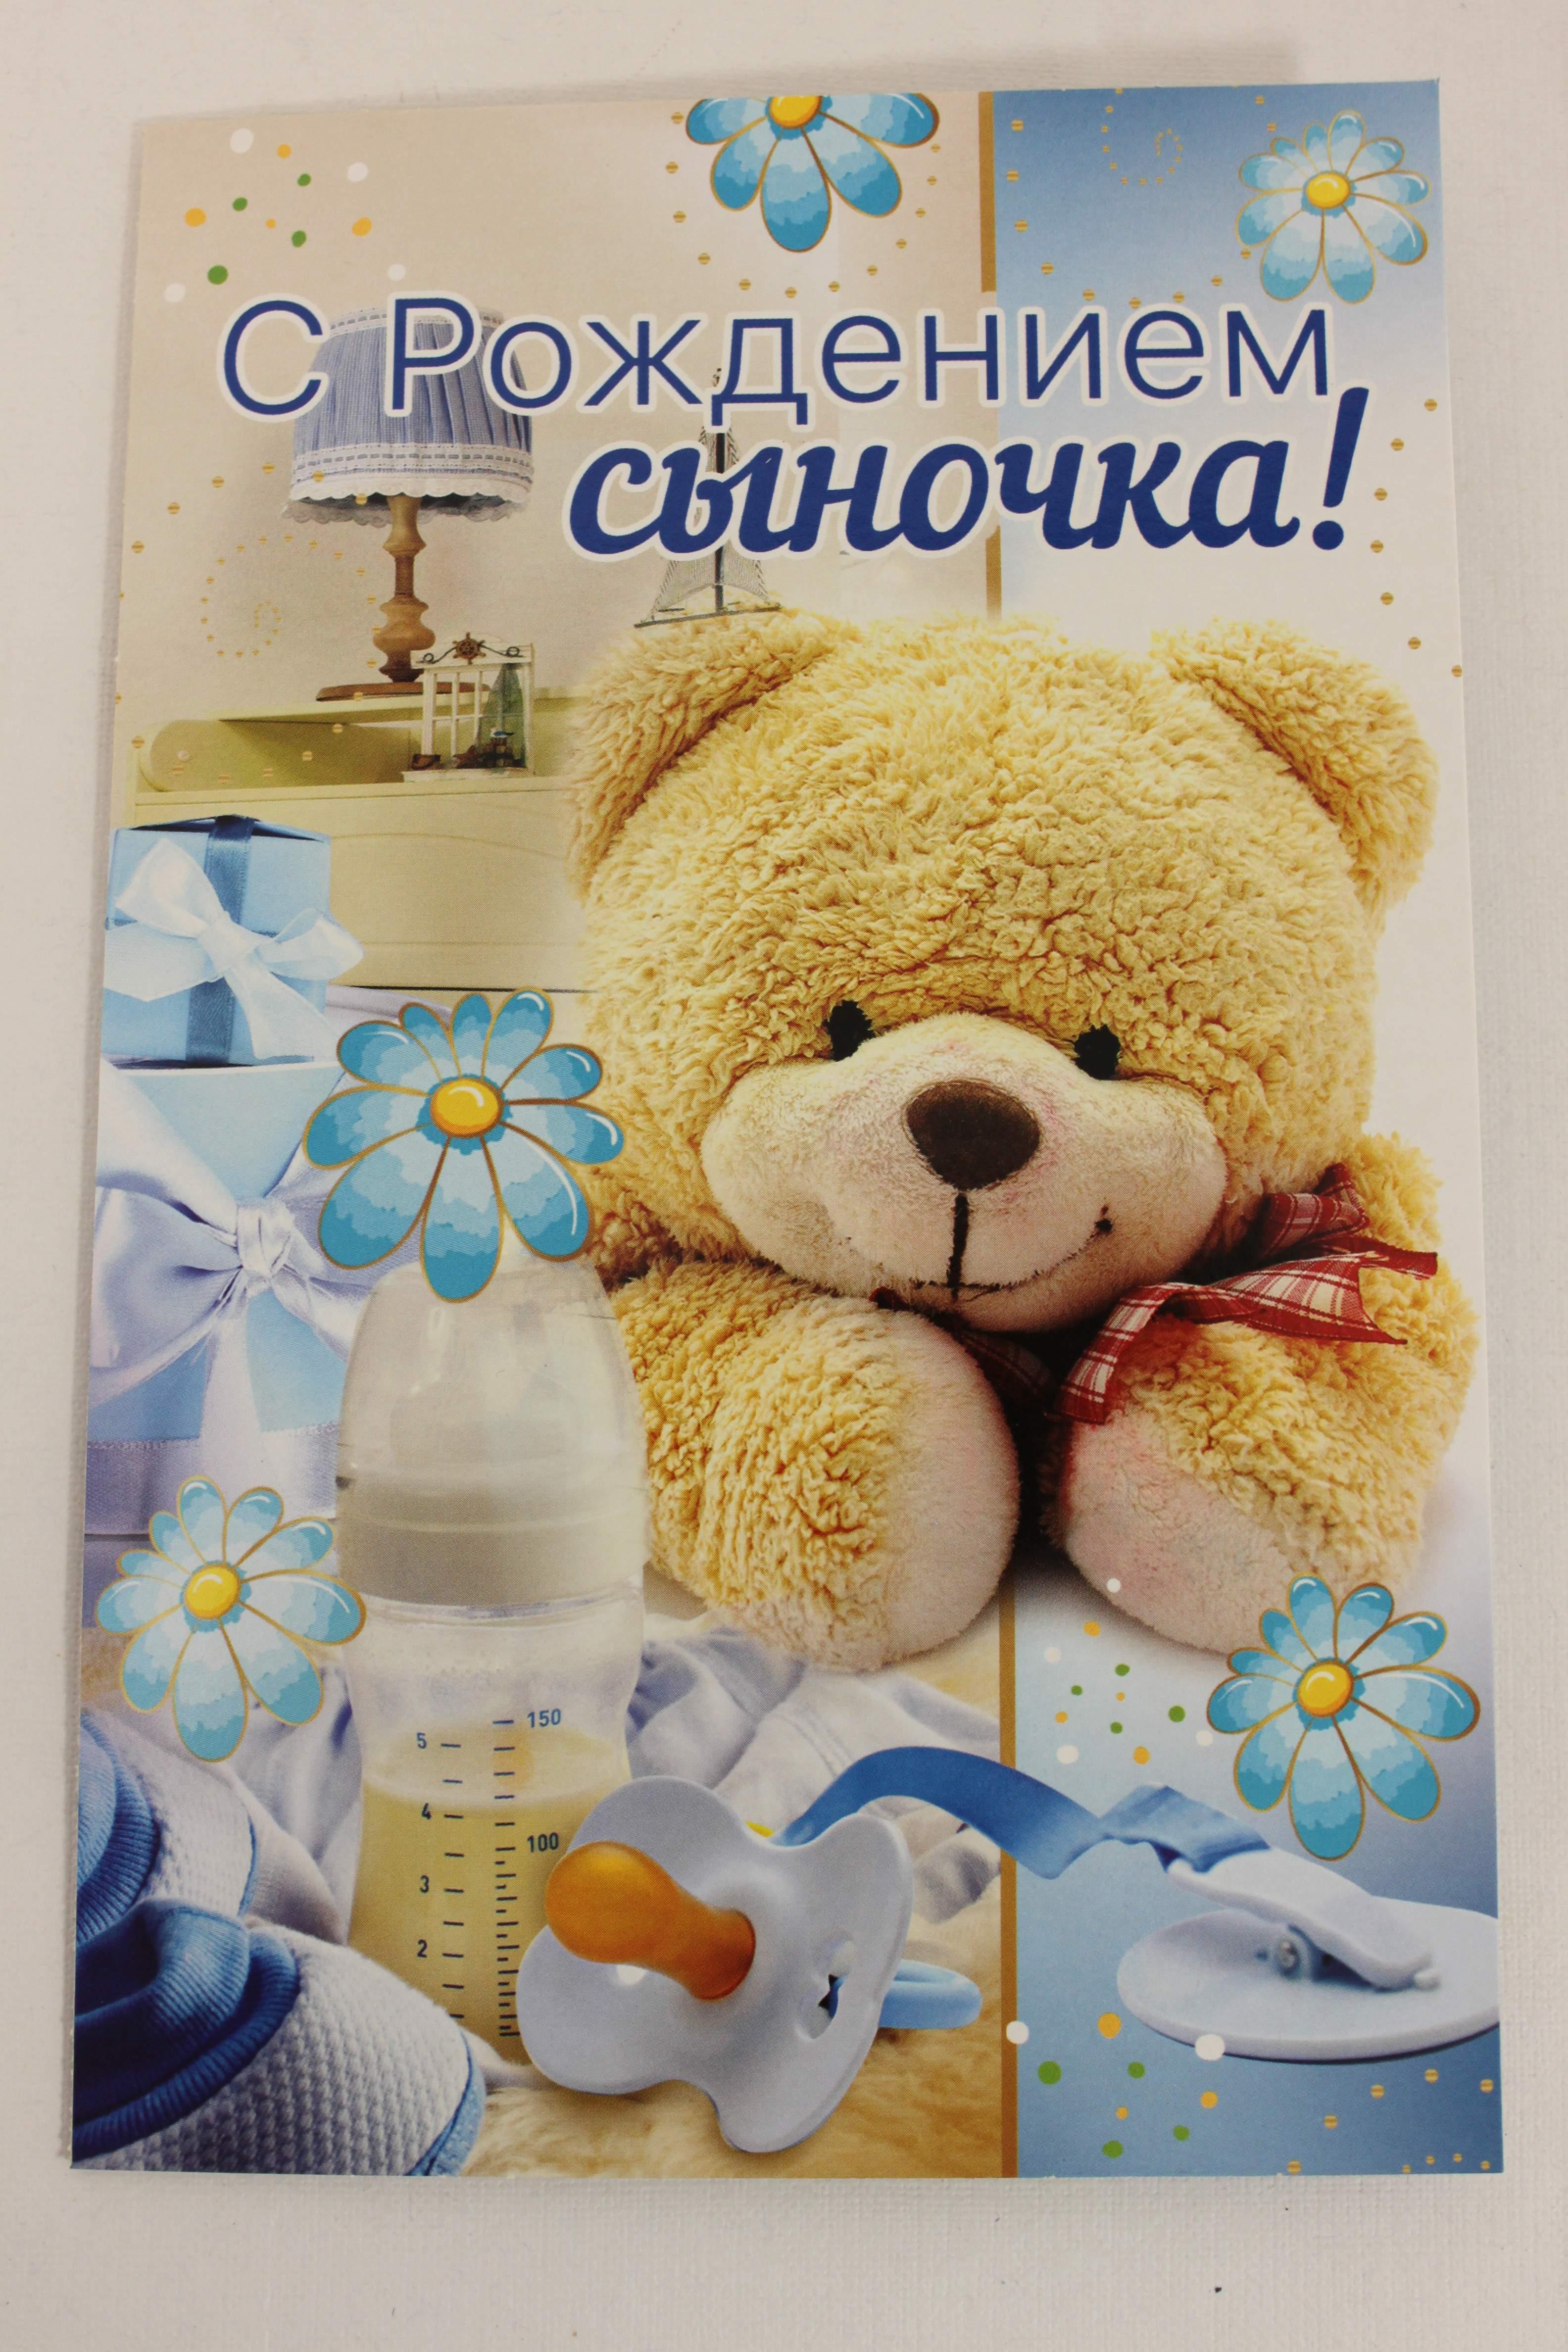 Поздравительные открытки для мамы в день рождения сына, пропавших вещей картинки